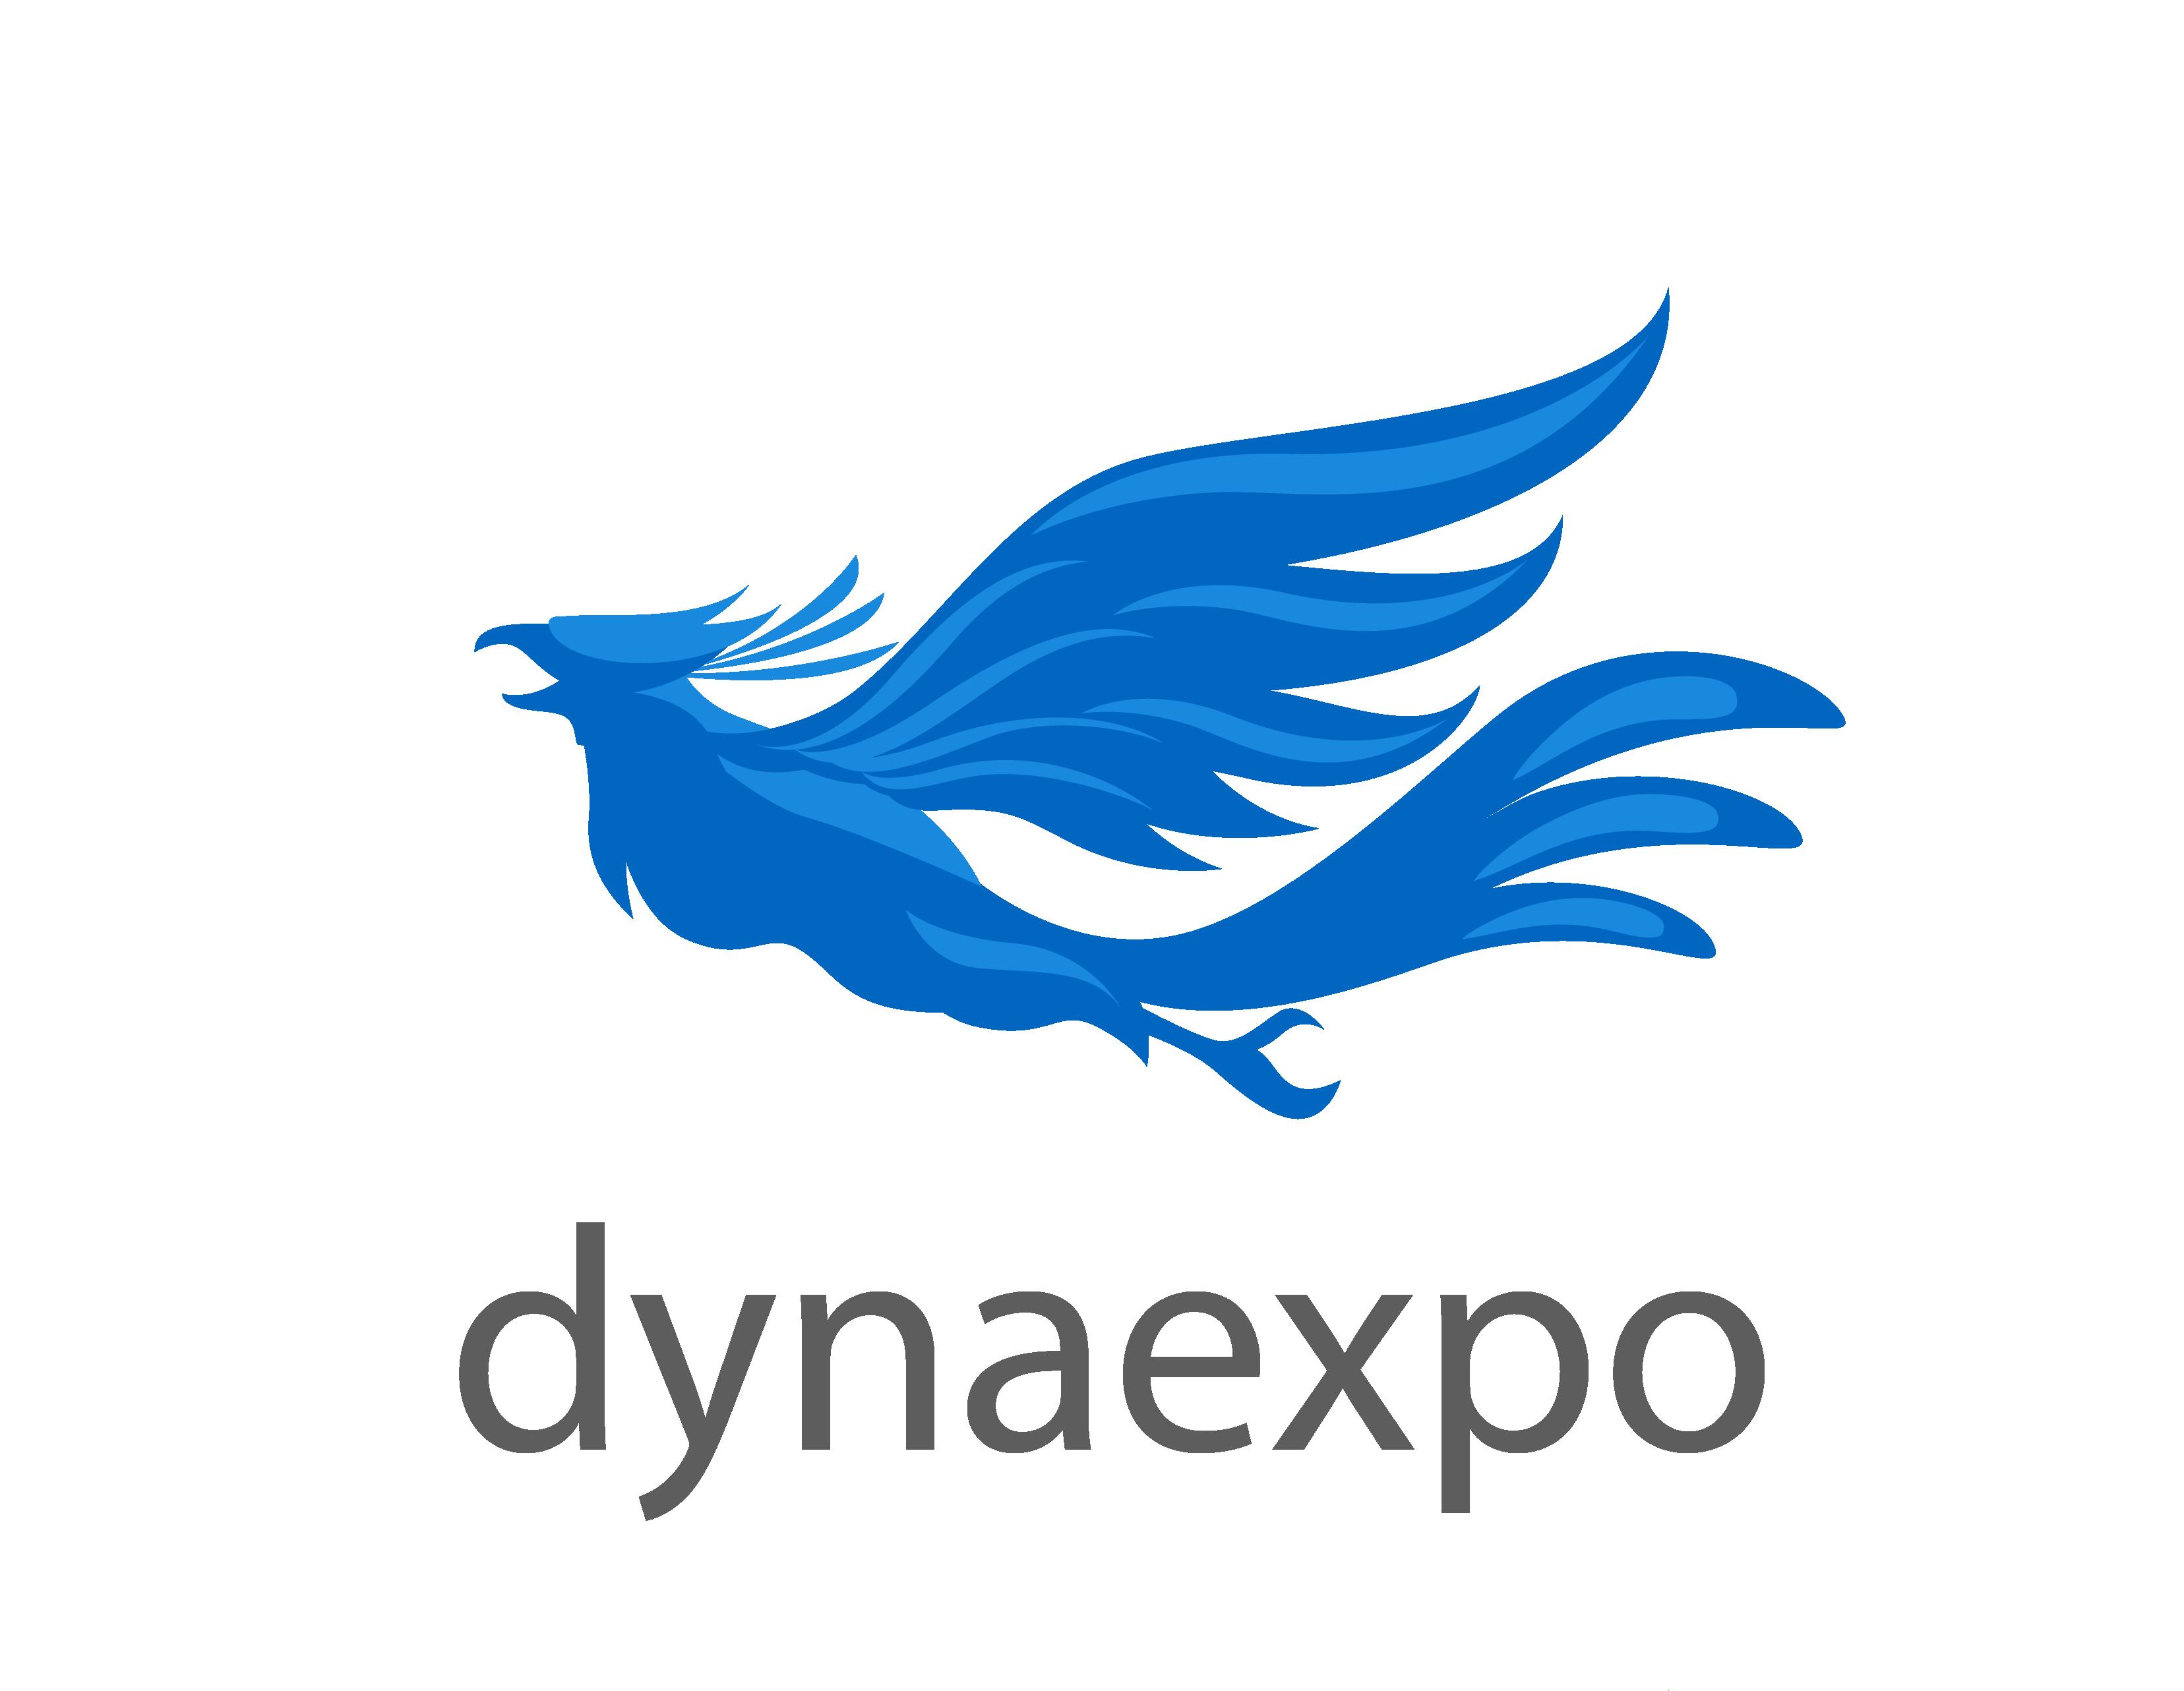 dynaexpo